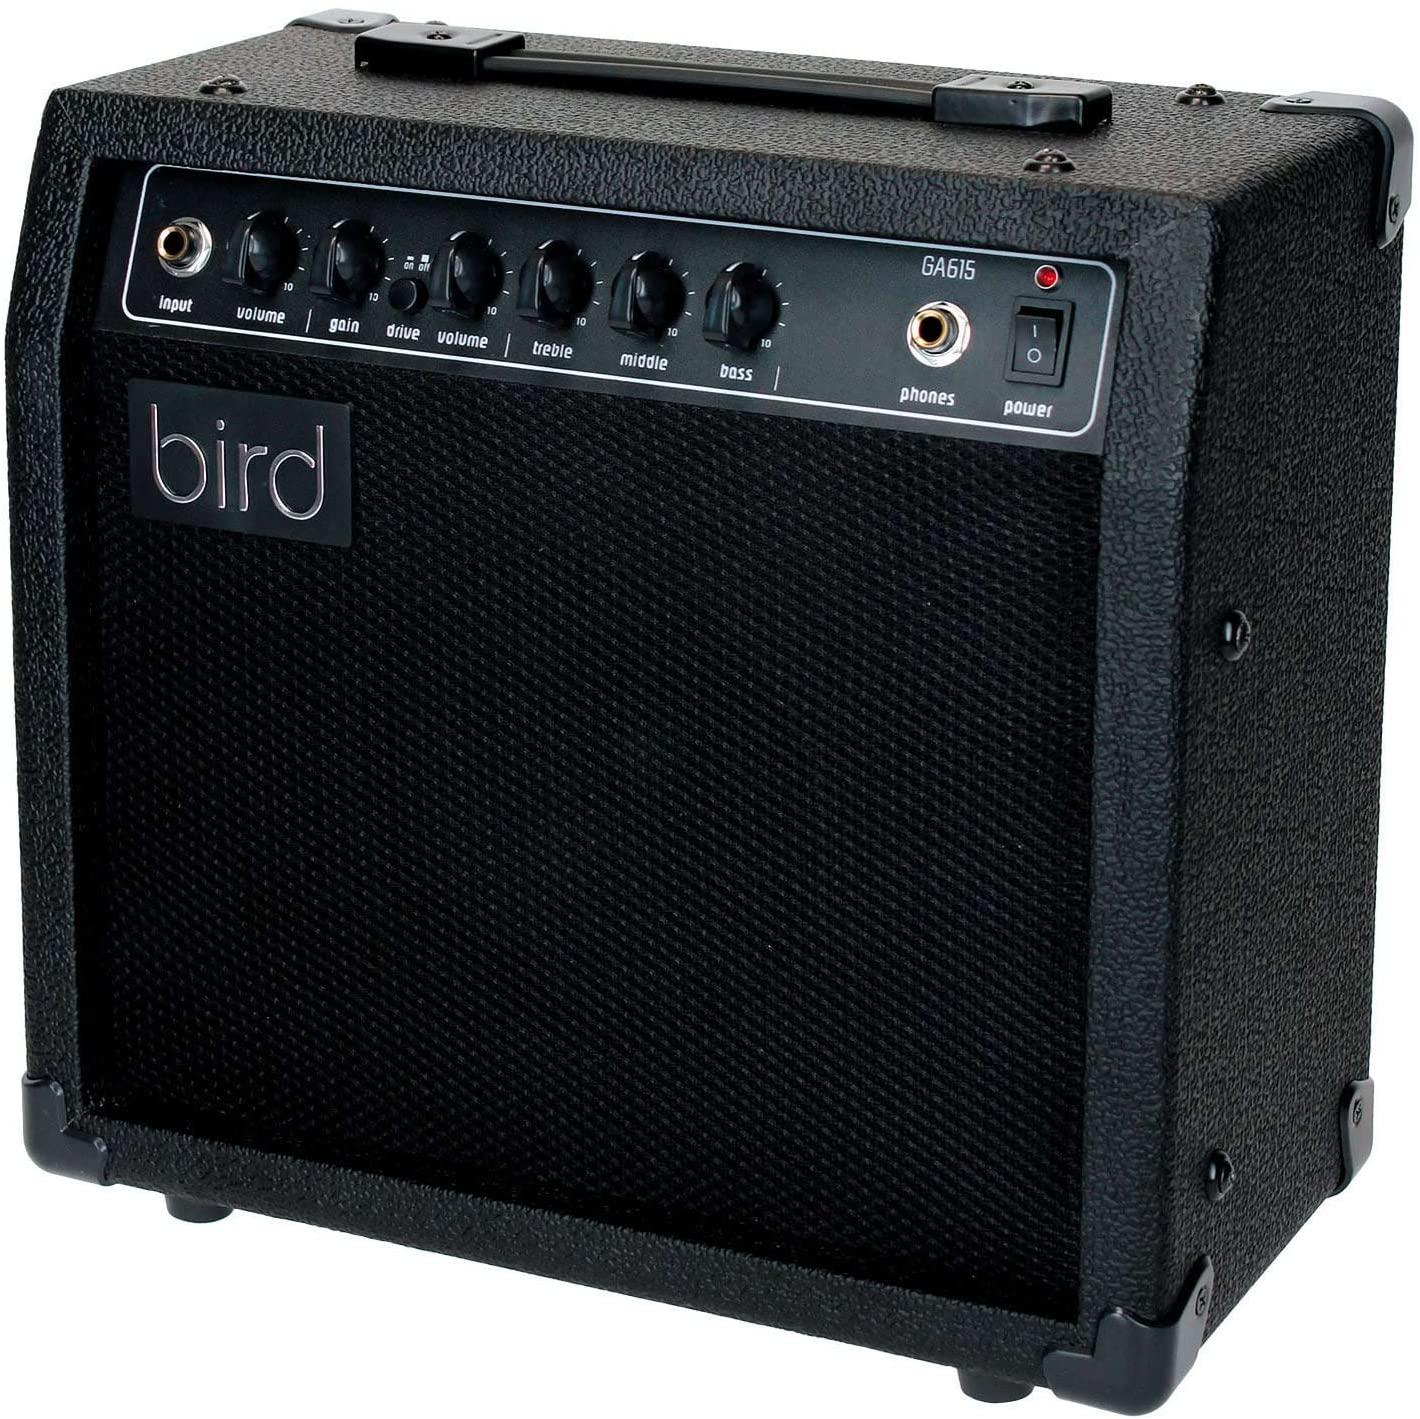 Bird ga615 amplificador para guitarra eléctrica